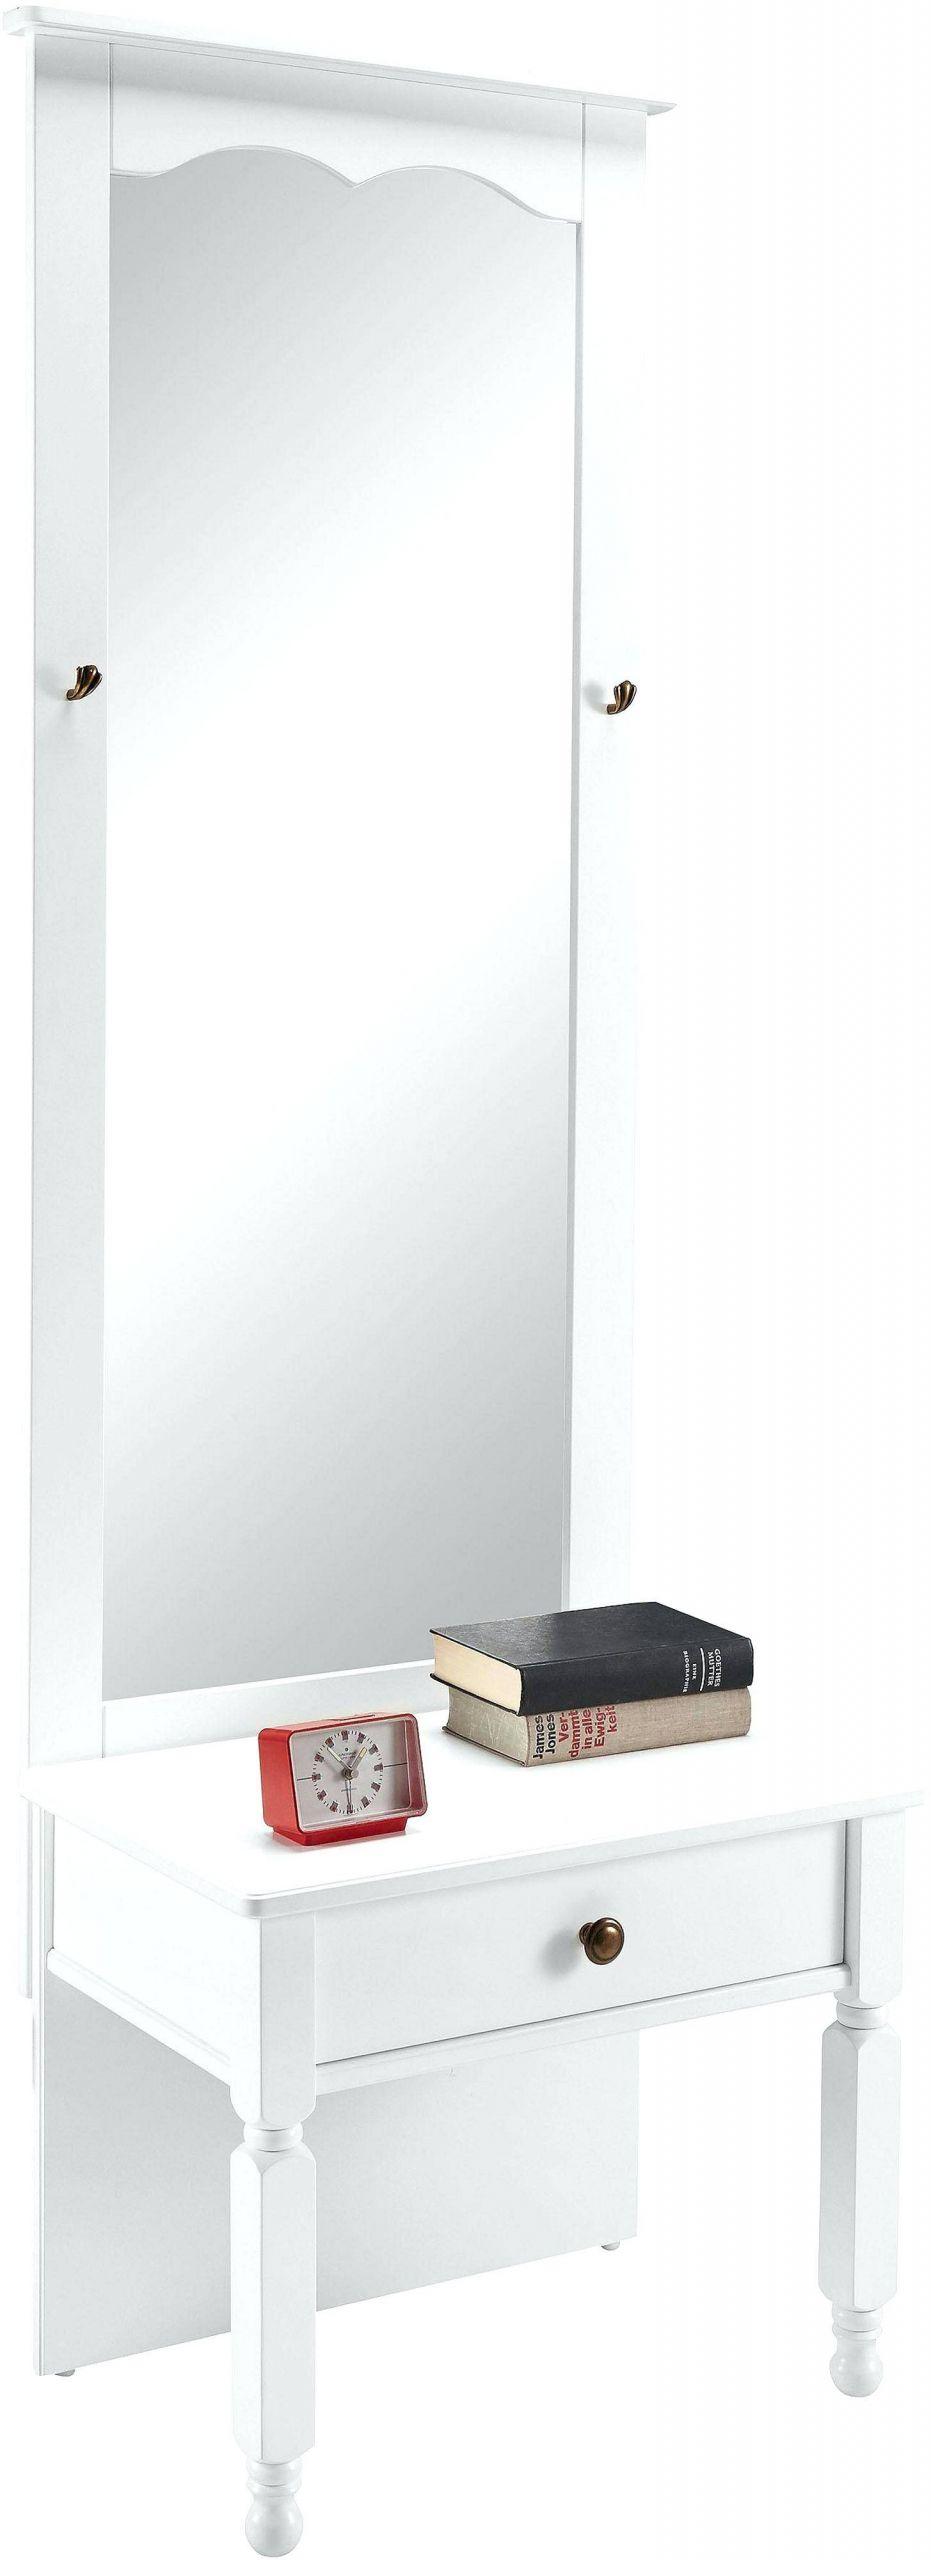 wohnzimmer regal schiebetur elegant index of wp content 2017 10 of wohnzimmer regal schiebetur